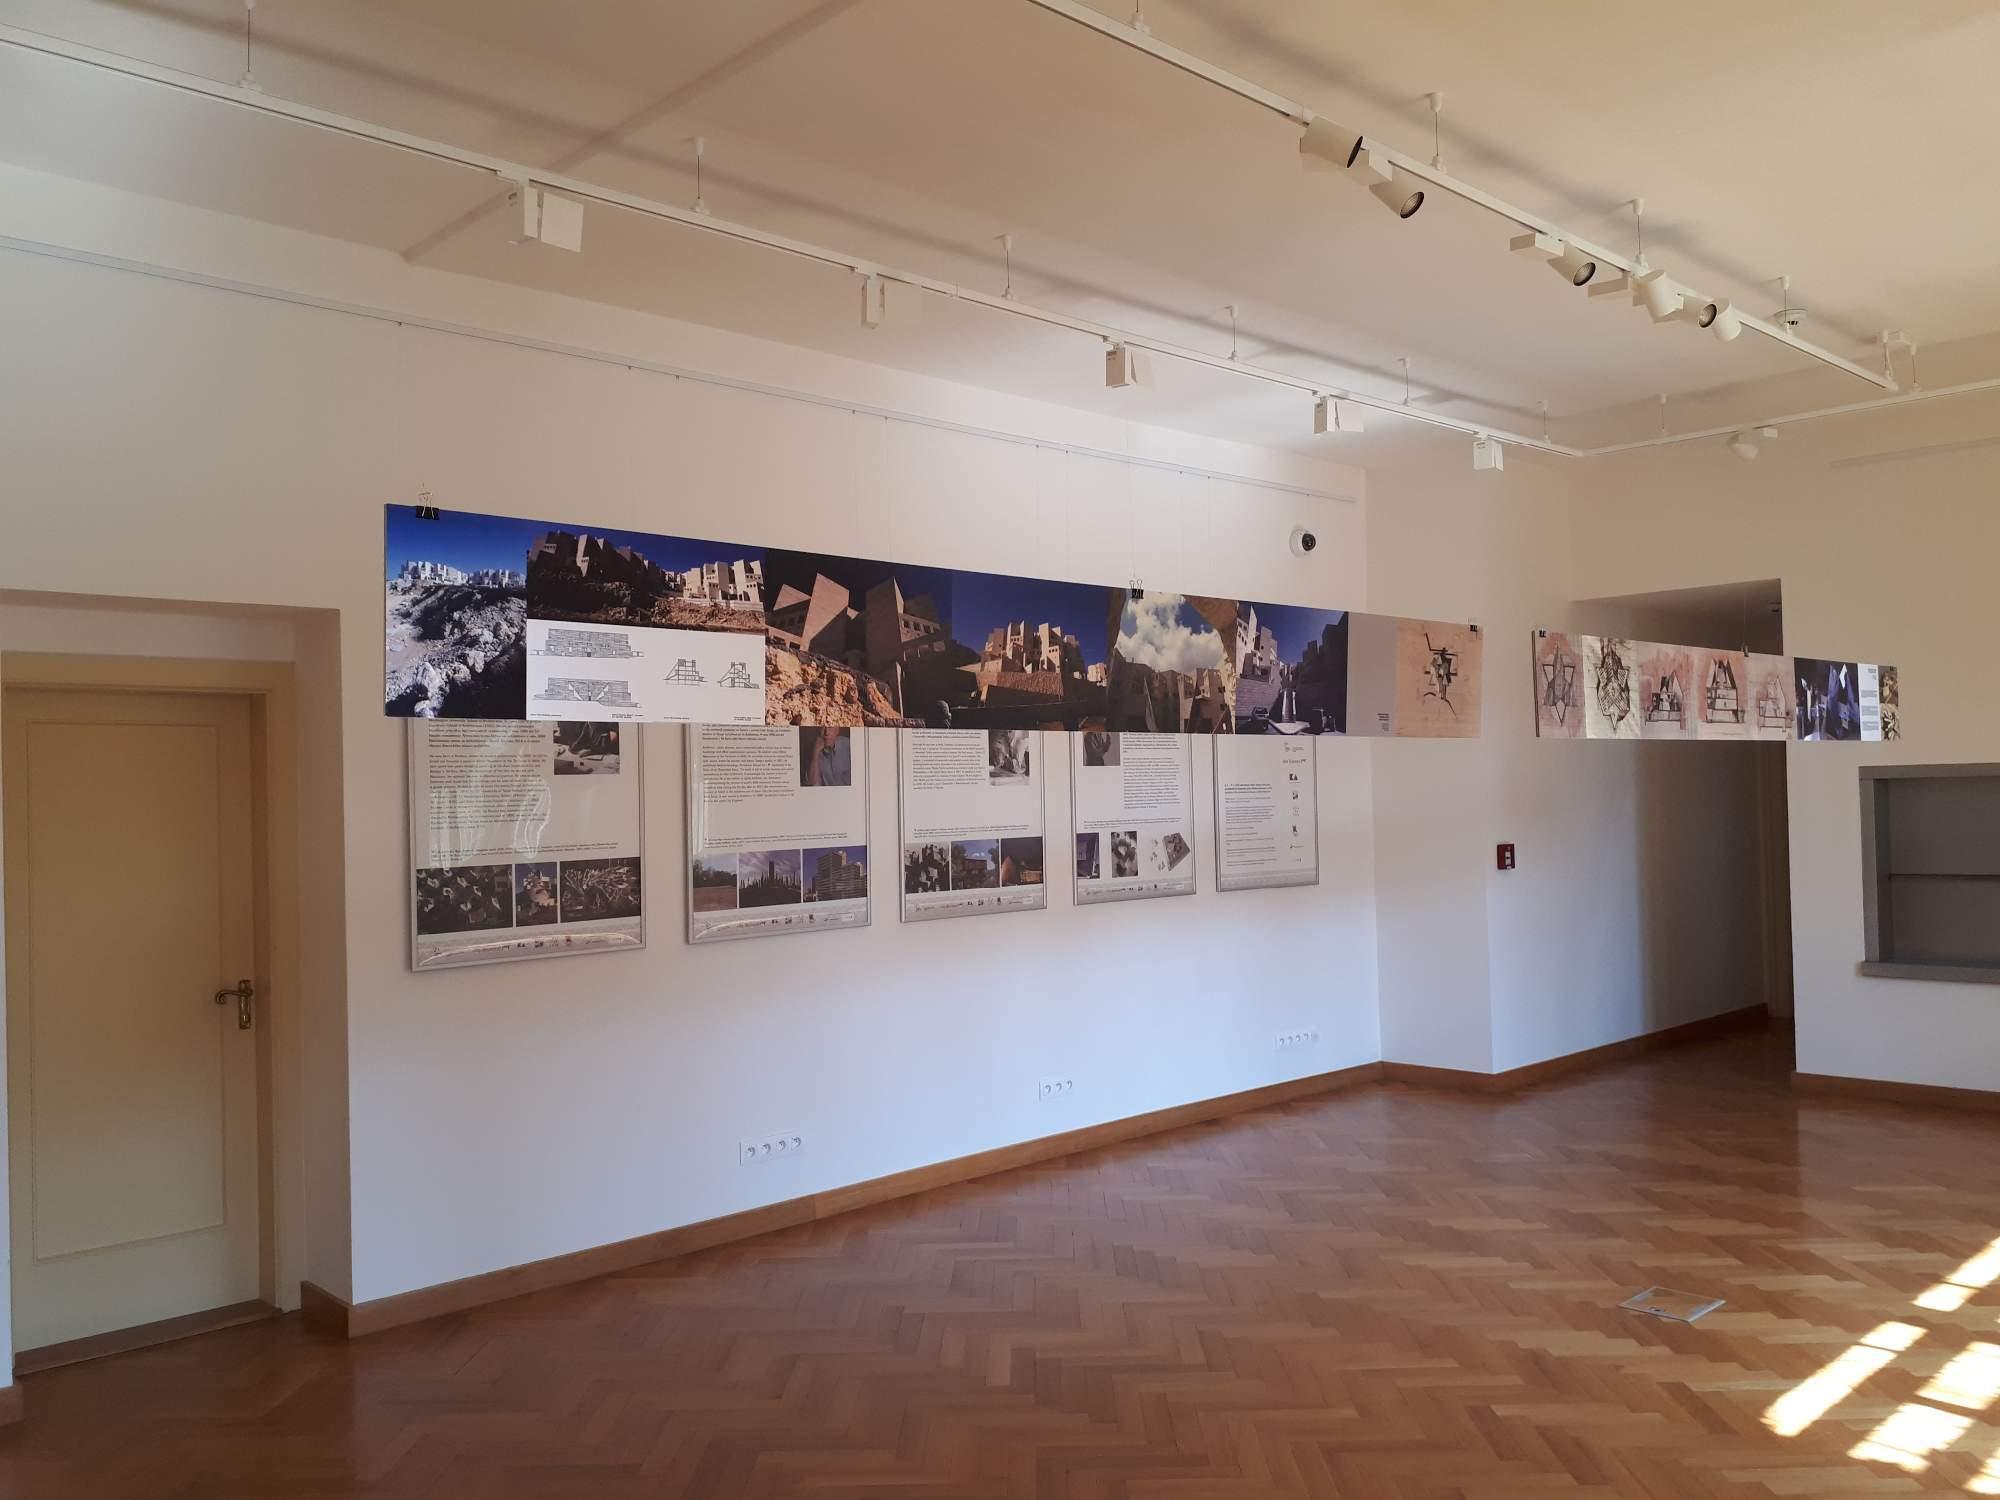 Návštěvníci mohou zhlédnout medailonky Neumannových pokračovatelů a fotografie jejich děl. Foto: Jana Blahošová